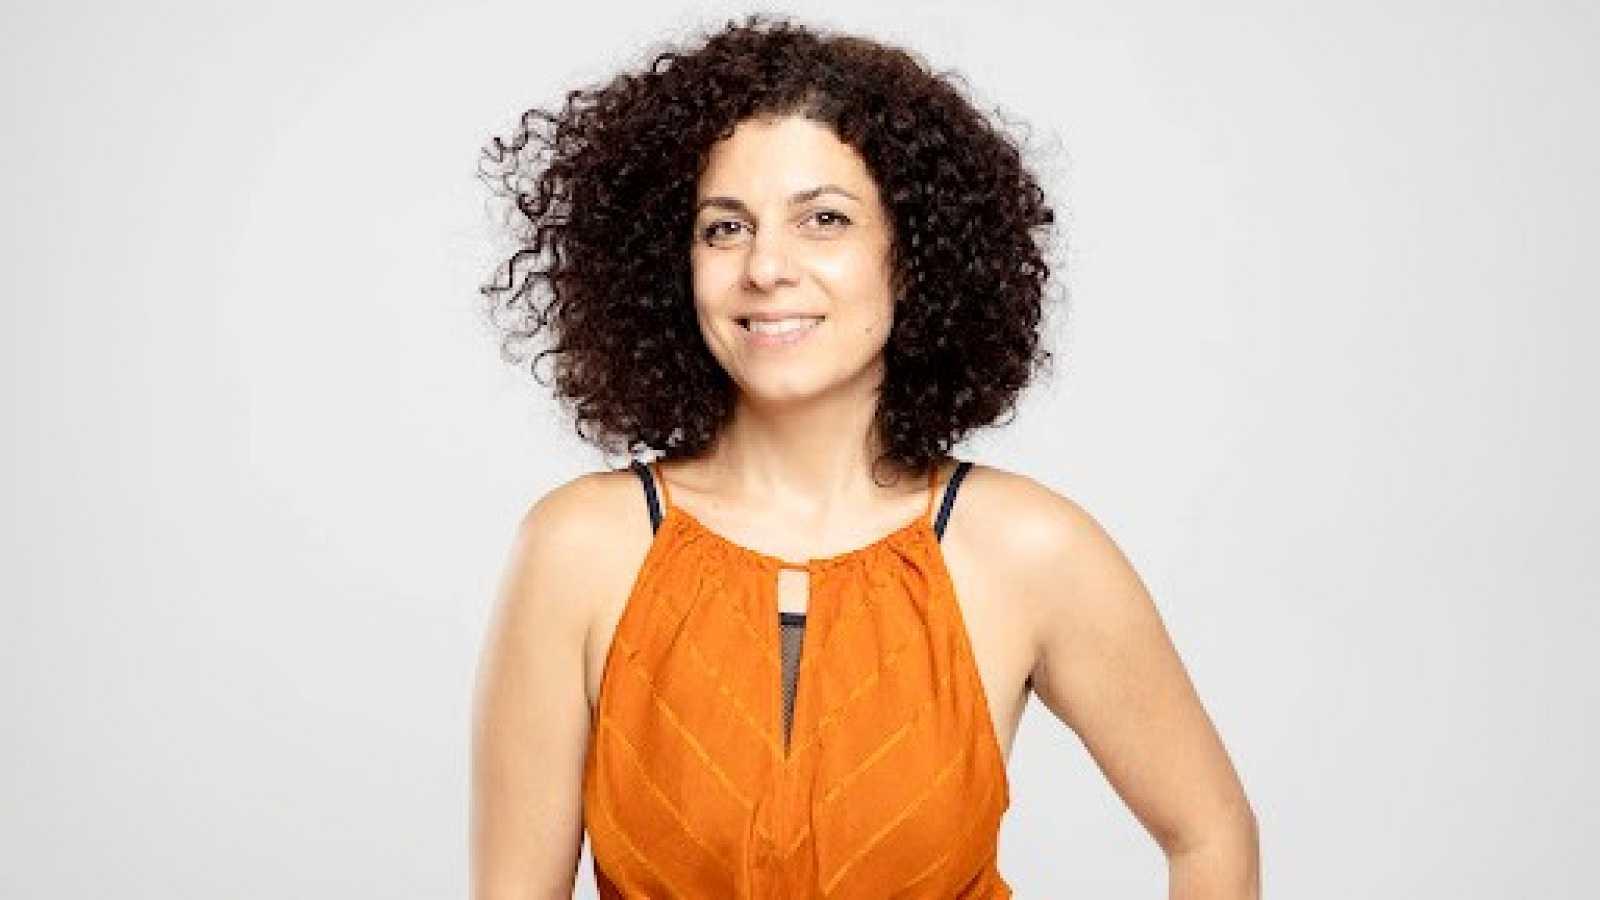 Con voz propia - Sofya Melikyan: El arte de dar voz a las mujeres compositoras a través de su piano - 15/11/19 - Escuchar ahora